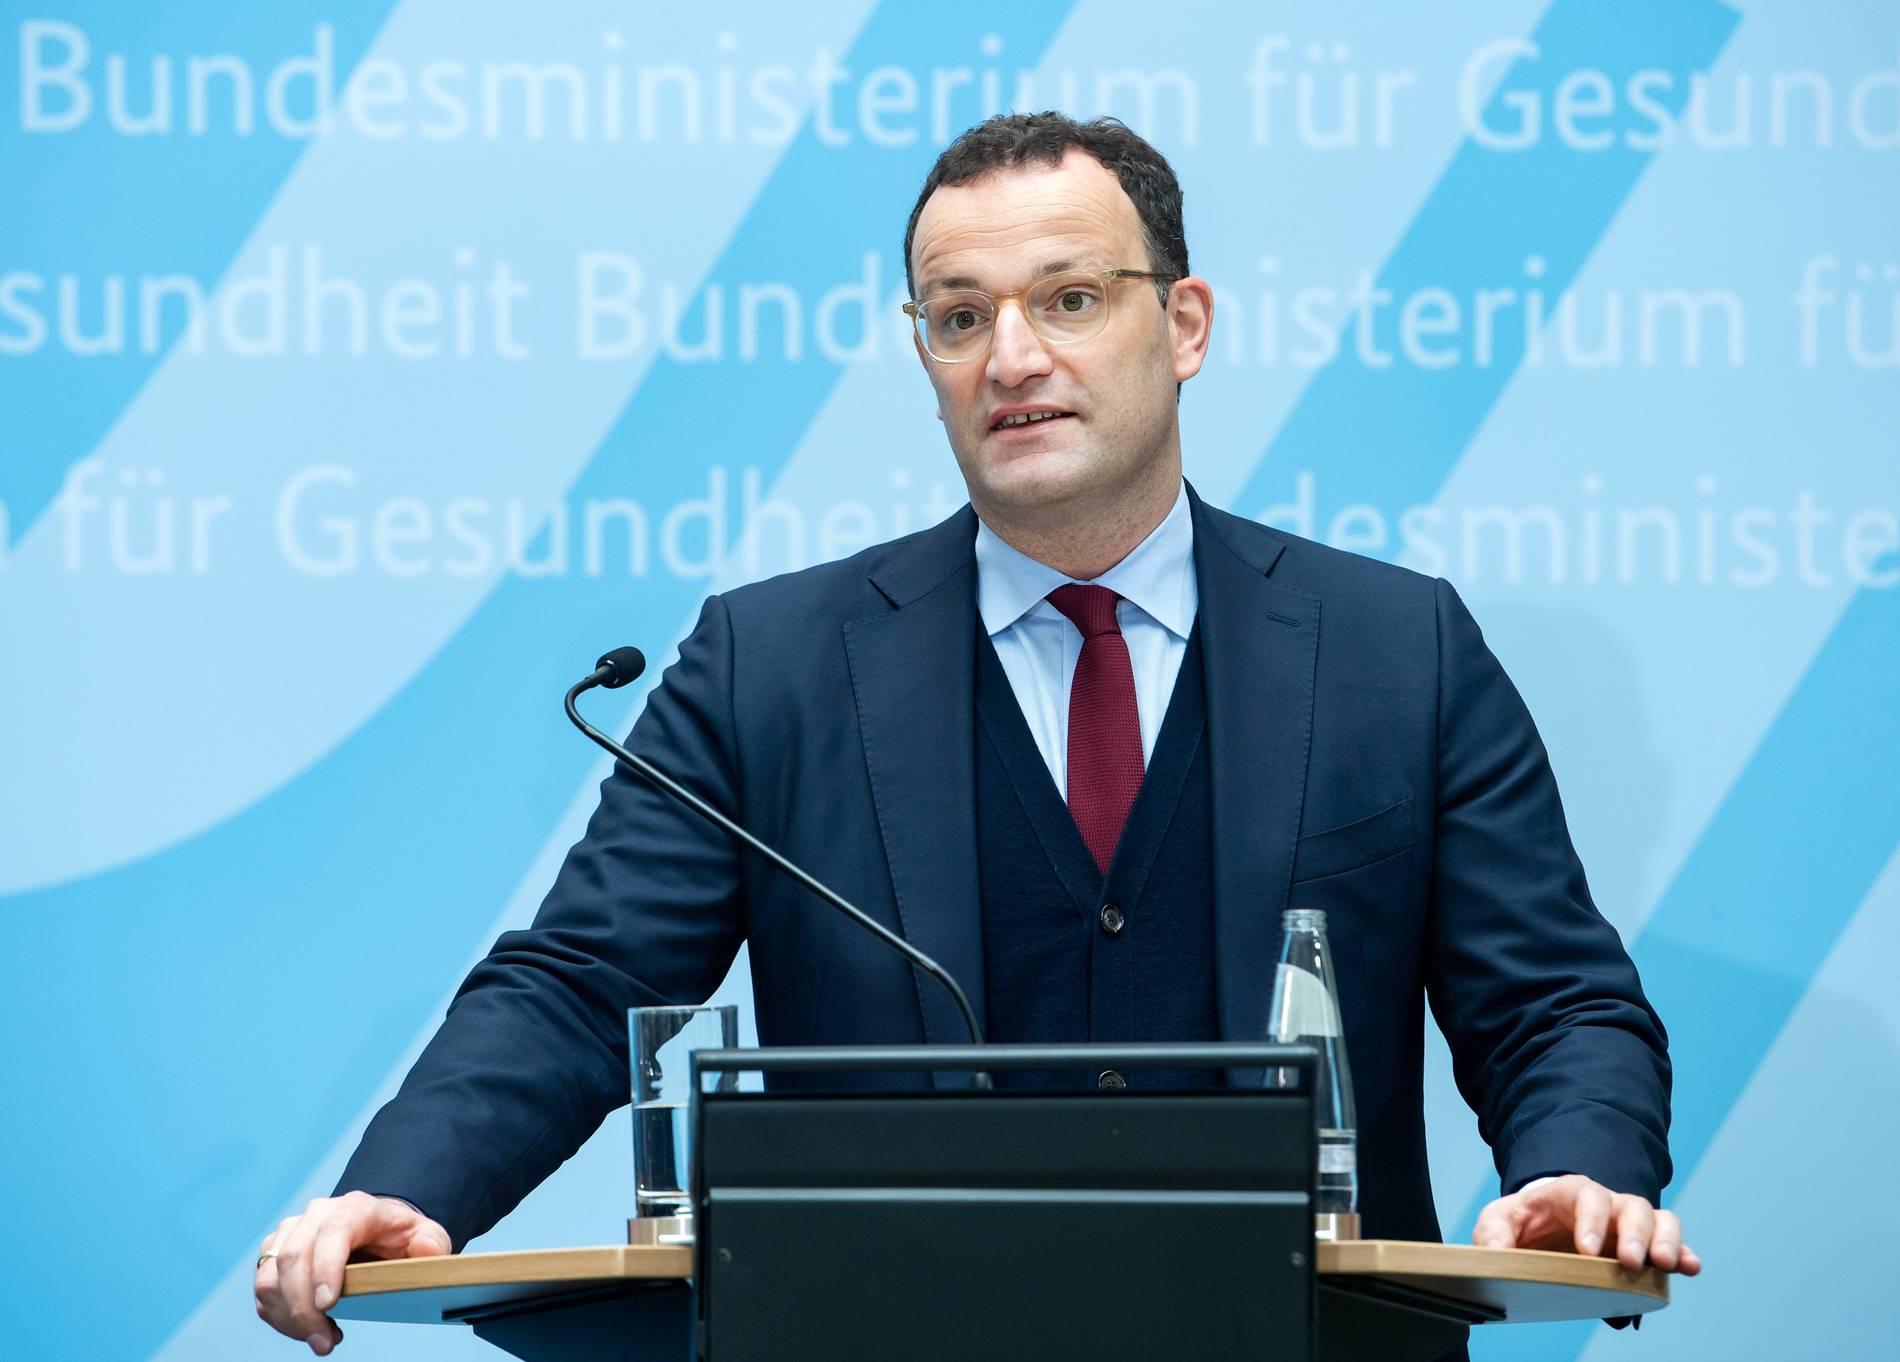 Ministerium: Auch in Bayern Betrugsverdacht bei Corona-Teststelle